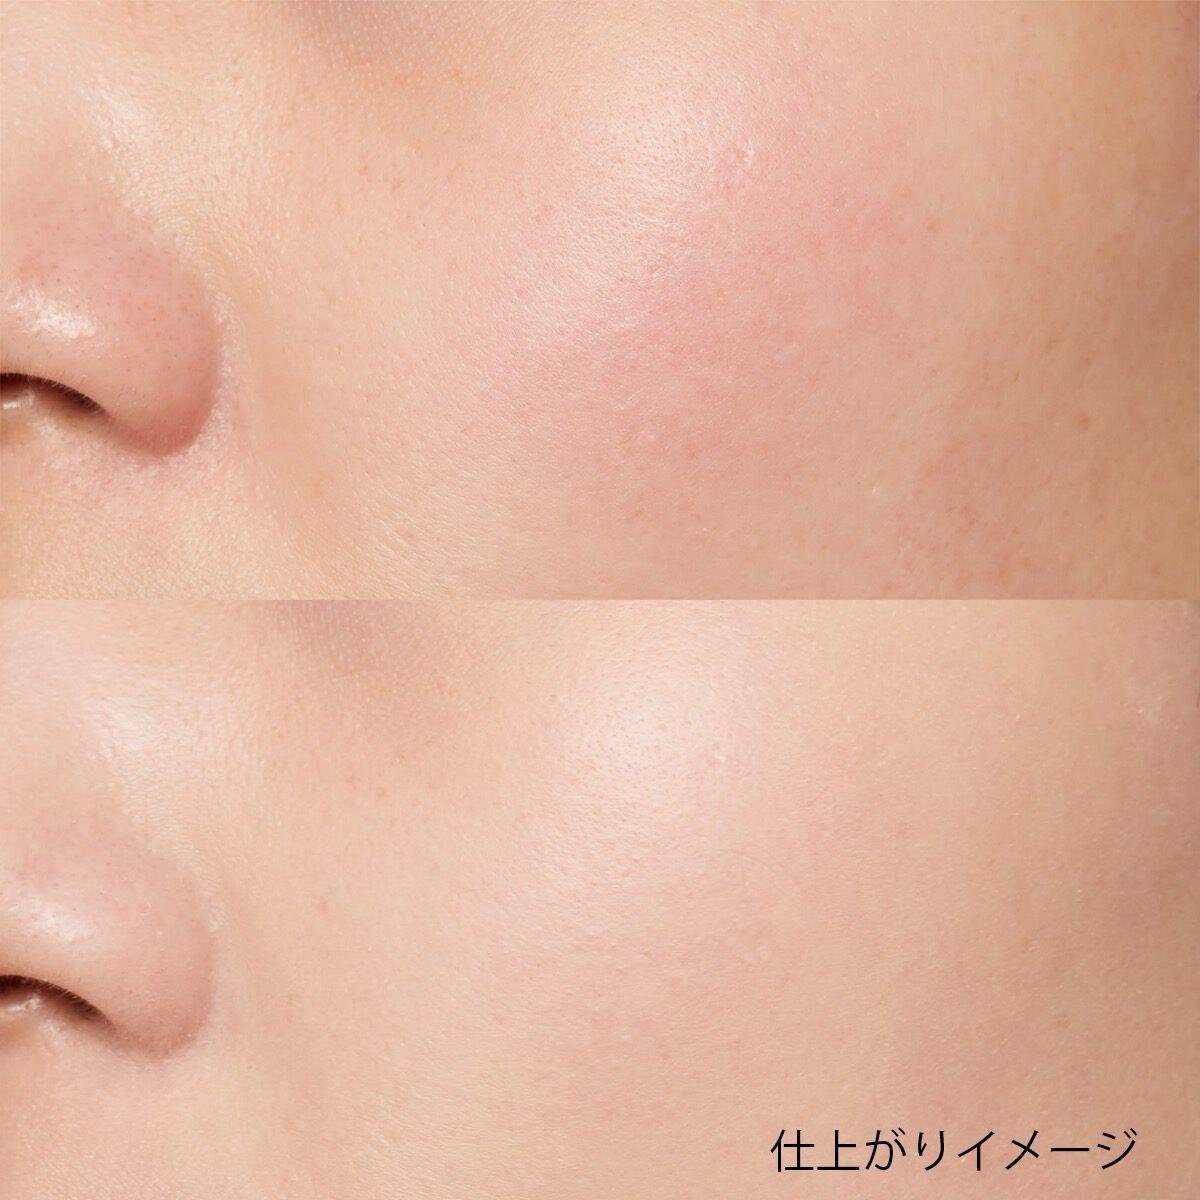 KATE(ケイト)『スキンカバーフィルターファンデーション 01 やや明るめの肌』の使用感をレポ!に関する画像7